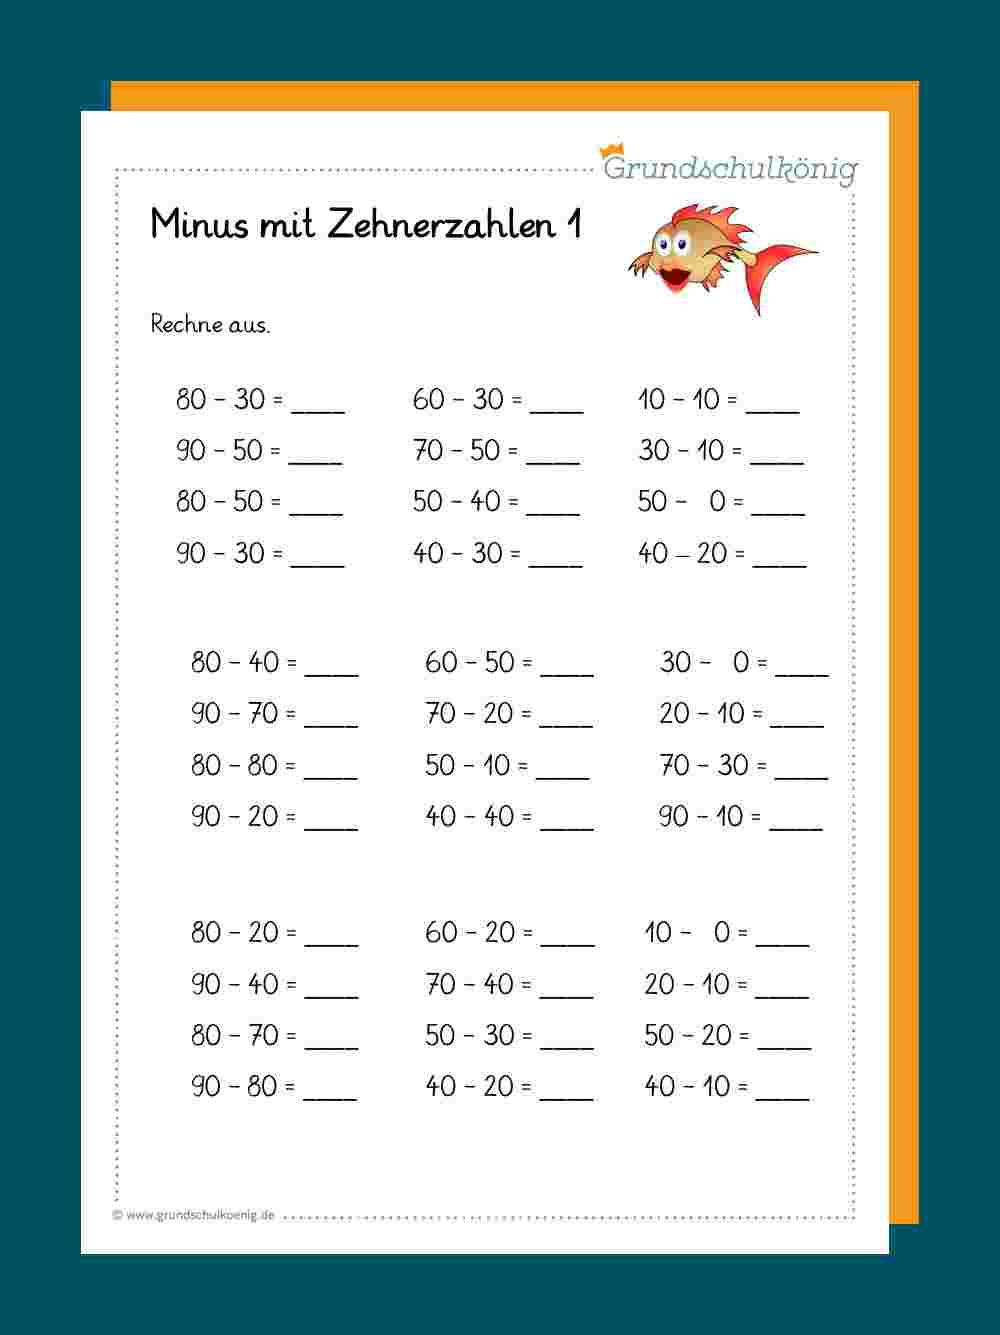 Subtraktion / Addition mit Zehnerzahlen